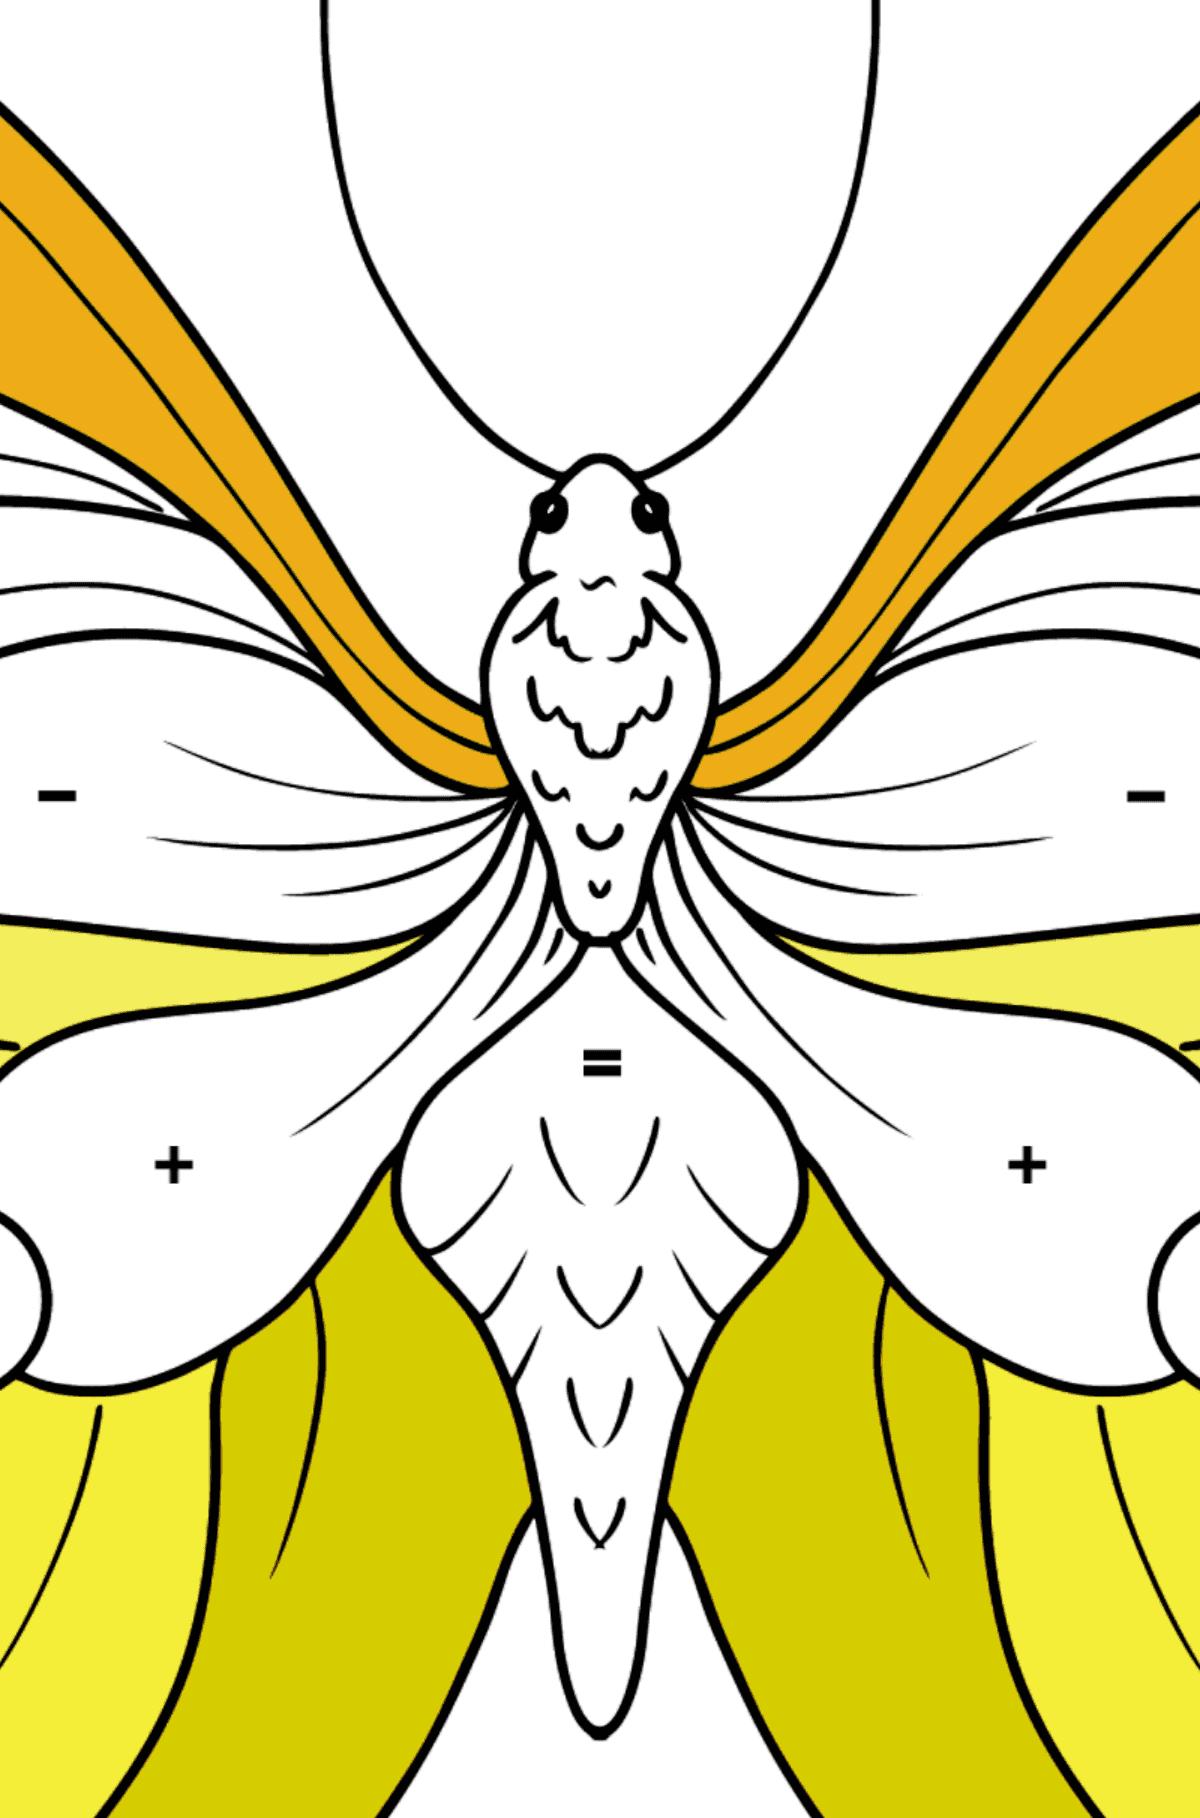 Раскраска бабочка лимонница - Раскраска по Символам для Детей